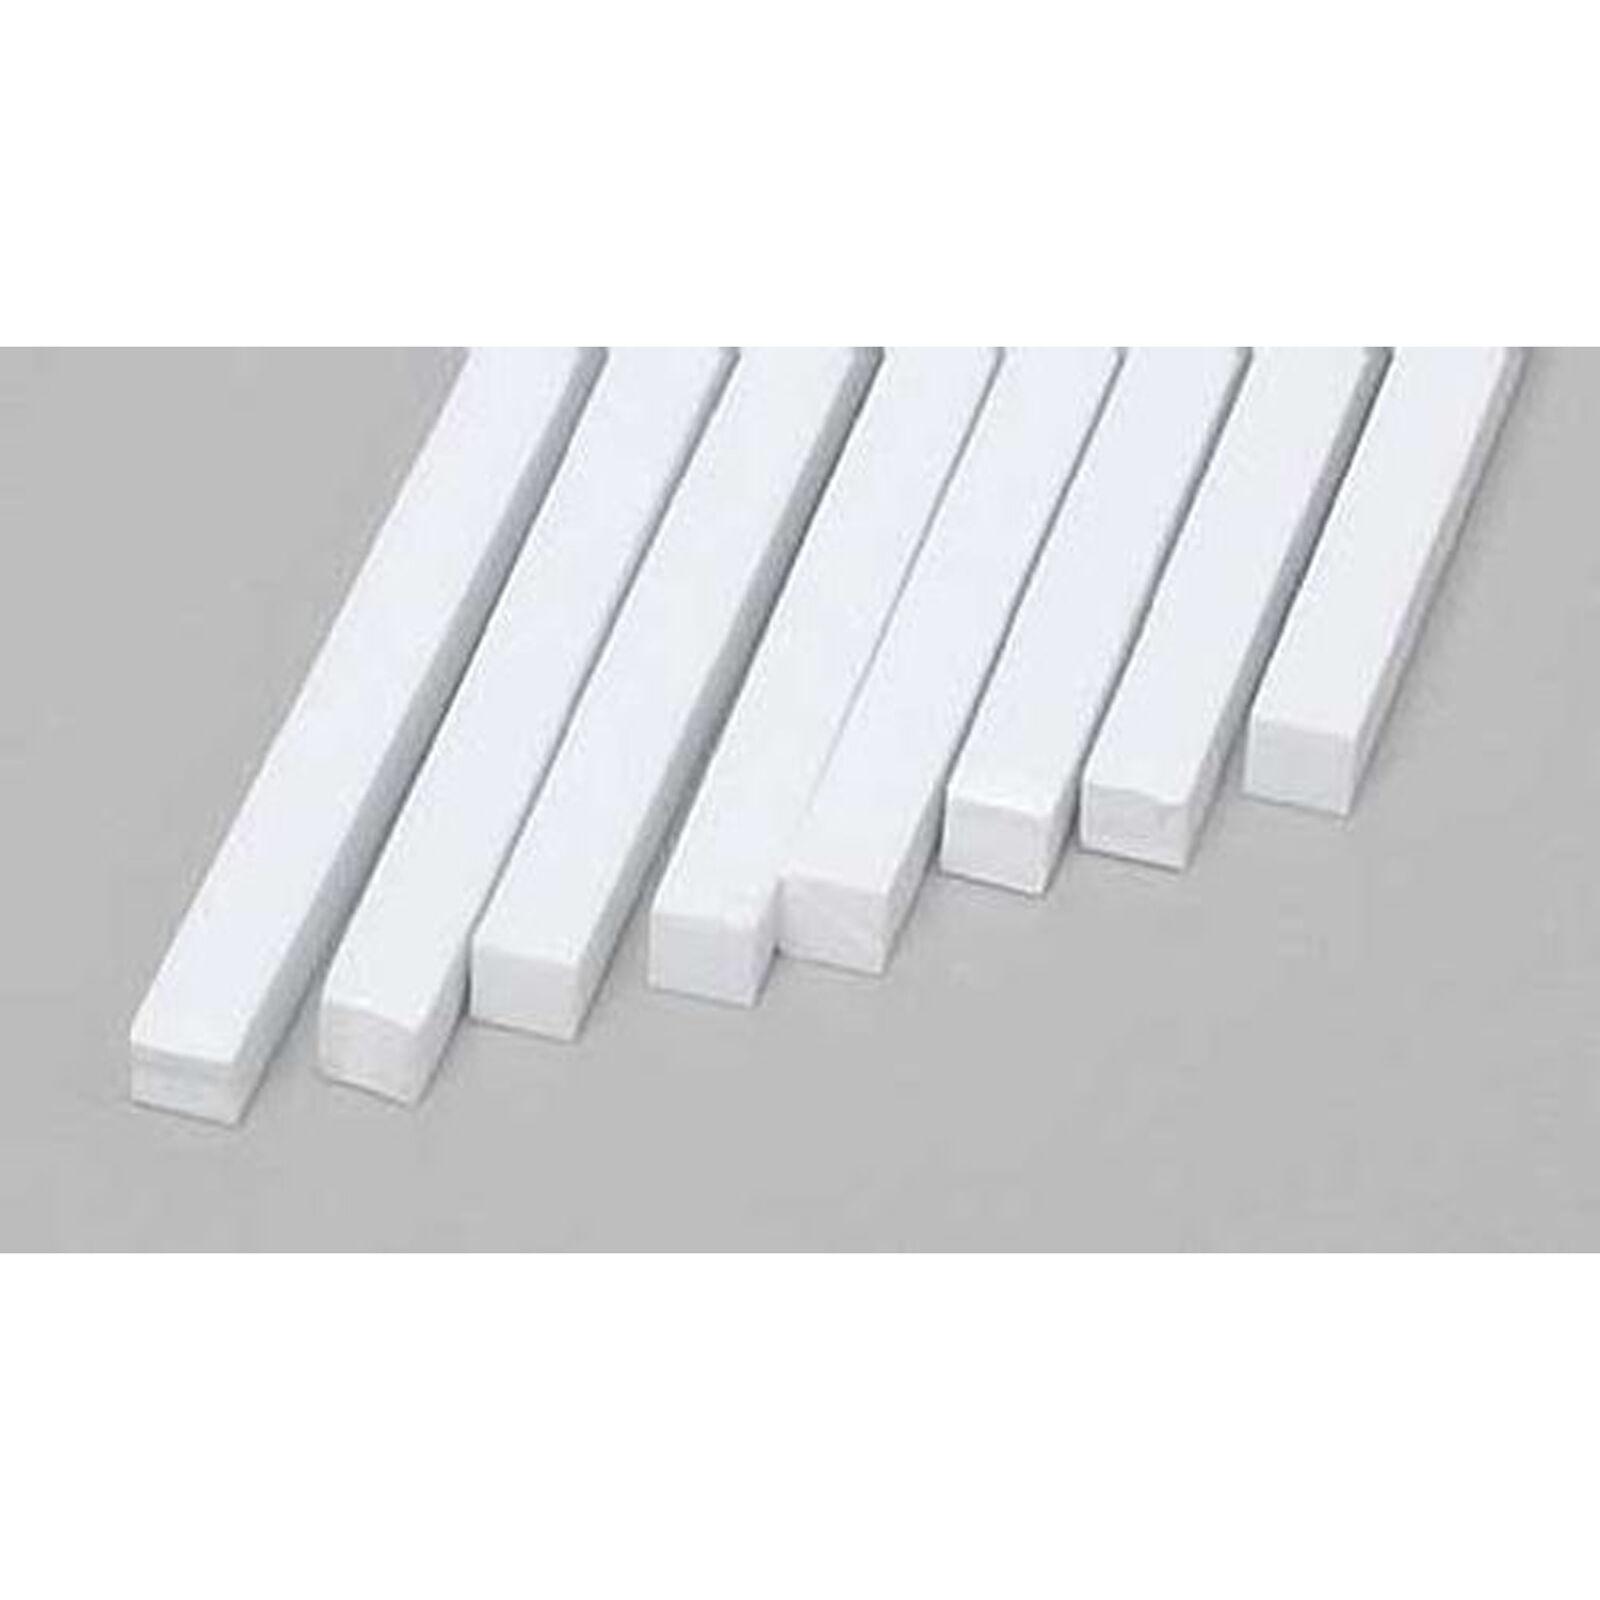 Strip .100 x .100 (8)